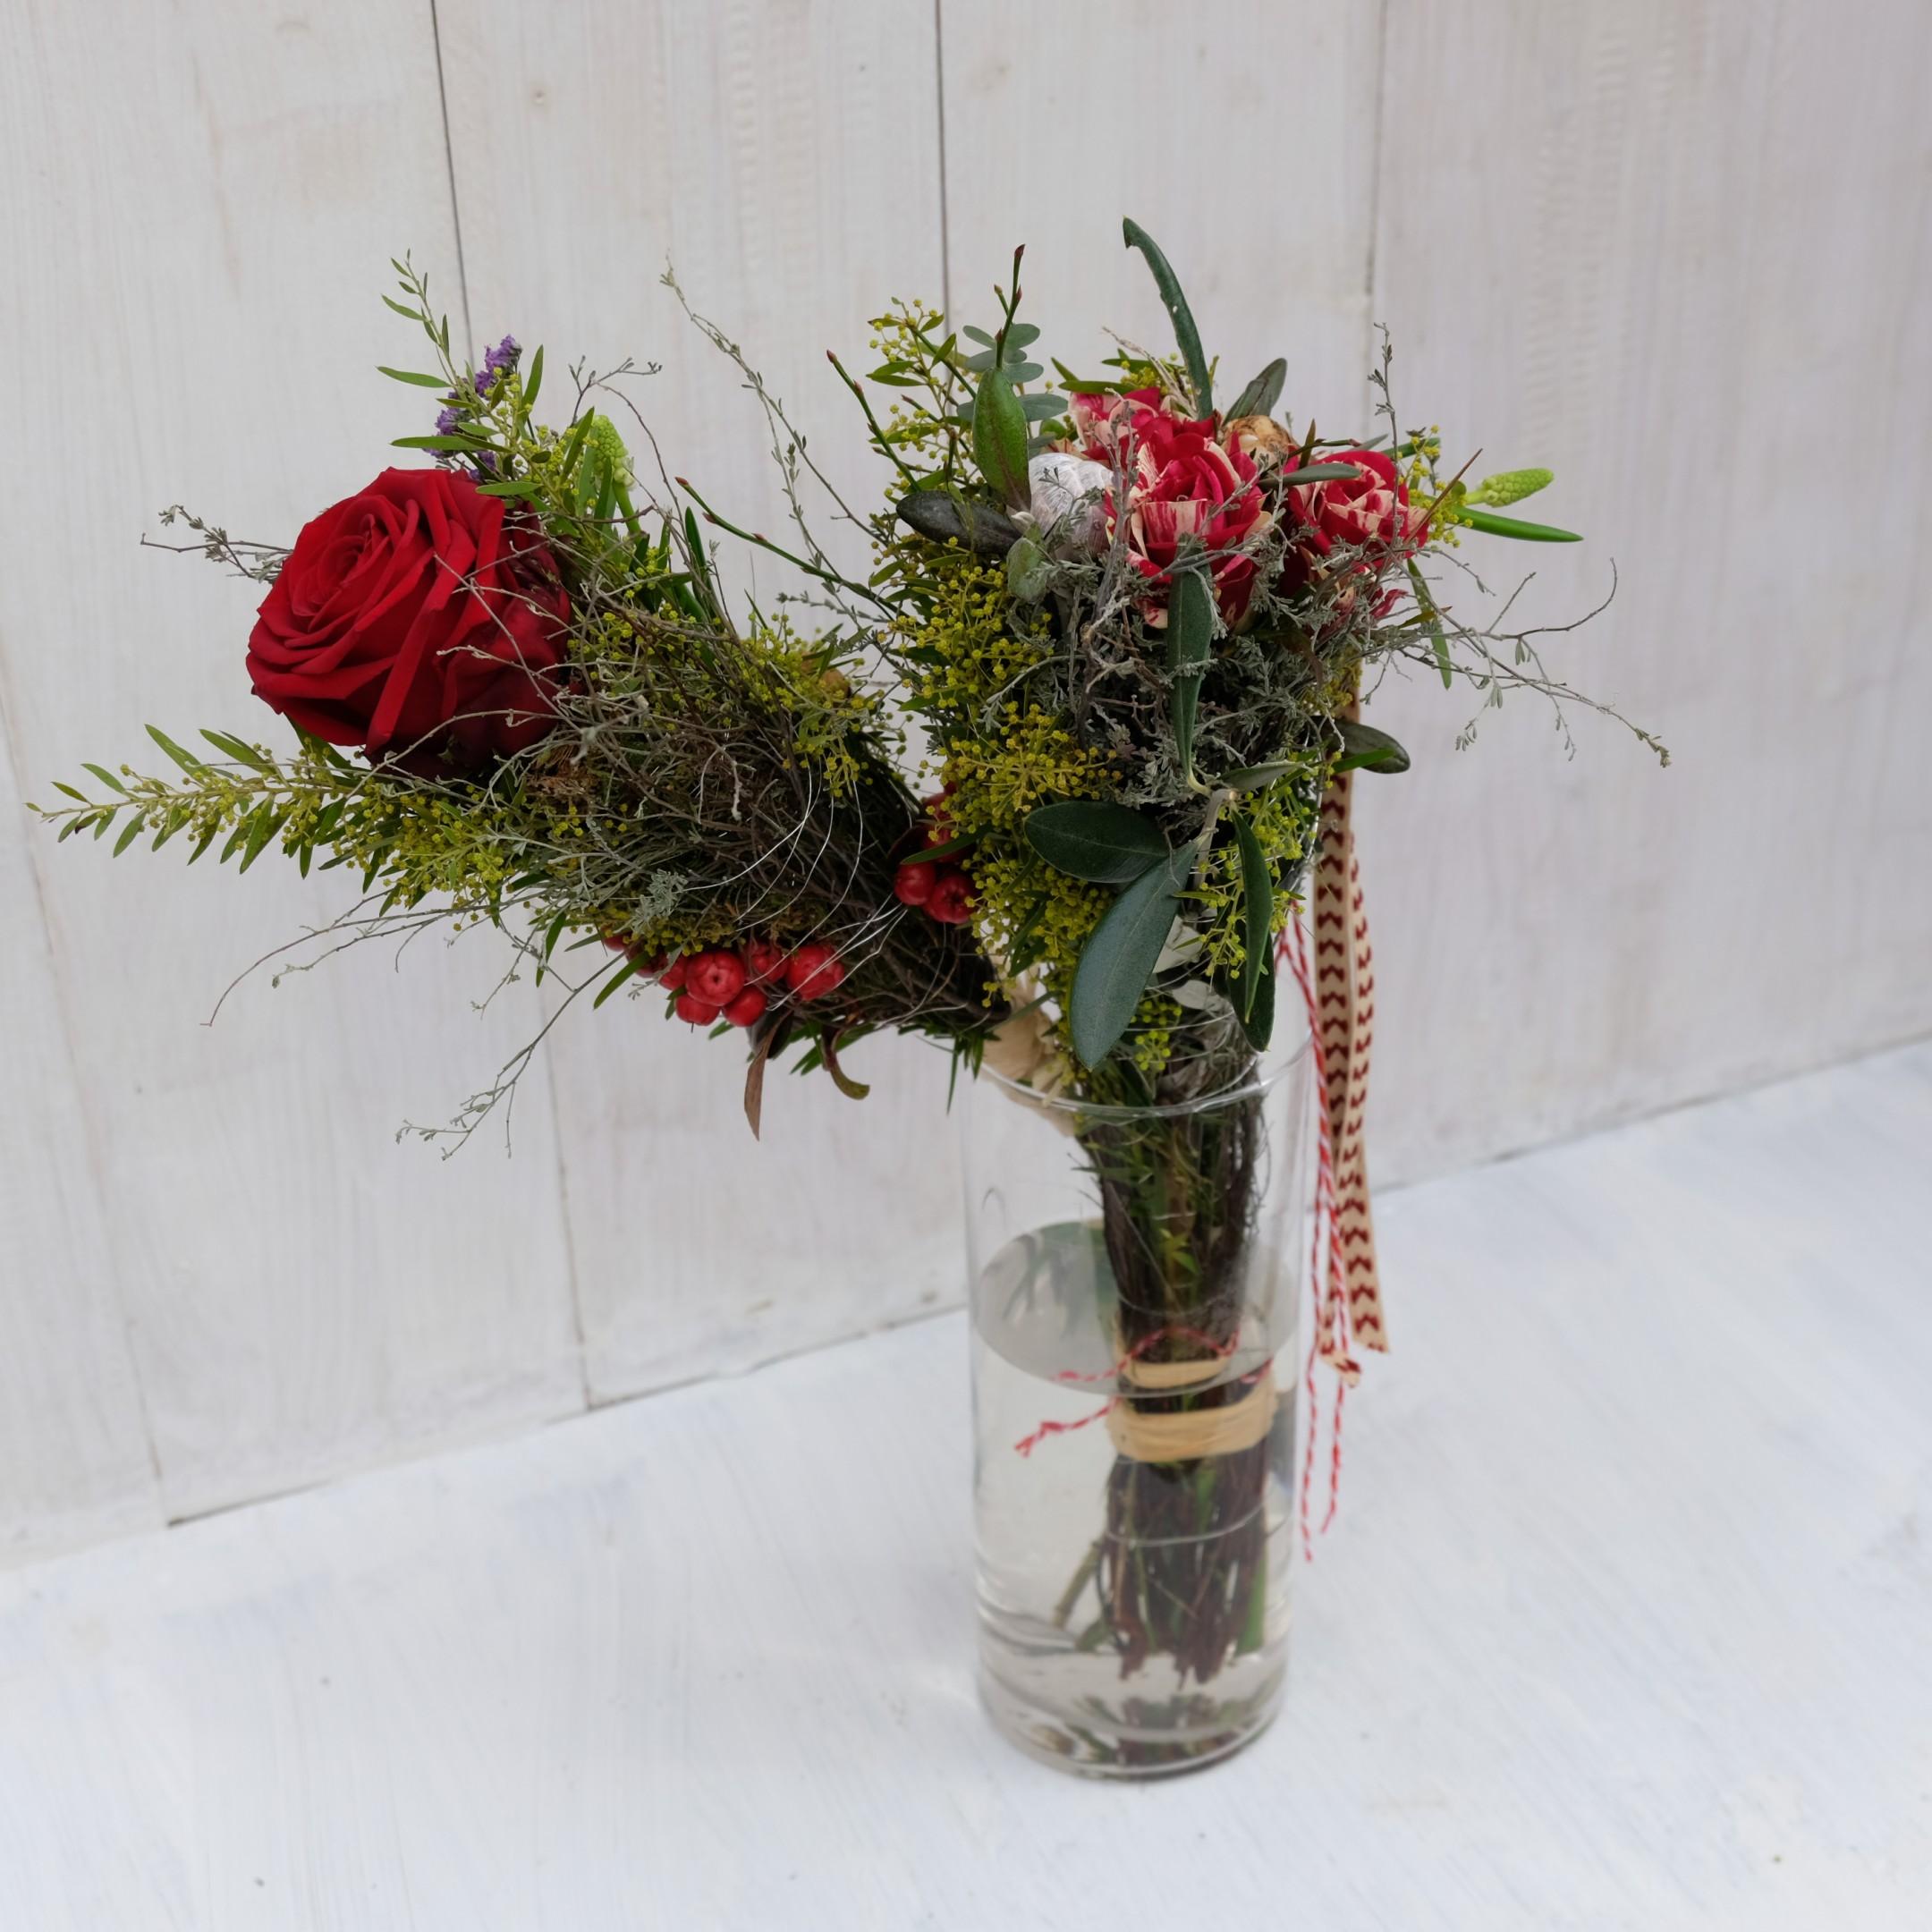 Rose liebevoll verpackt Bild 1